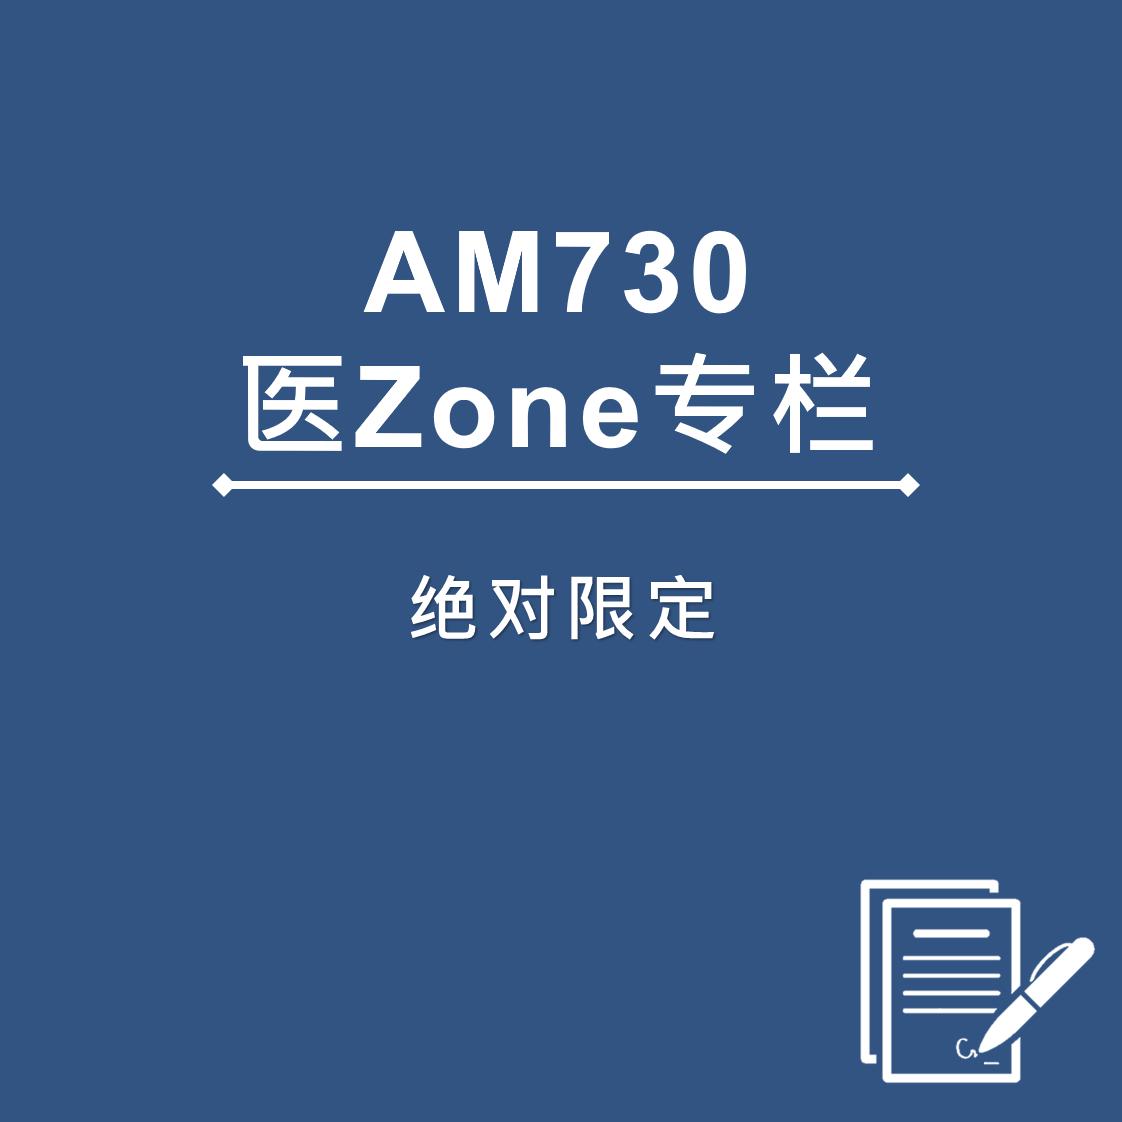 AM730 医Zone 专栏 - 绝对限定